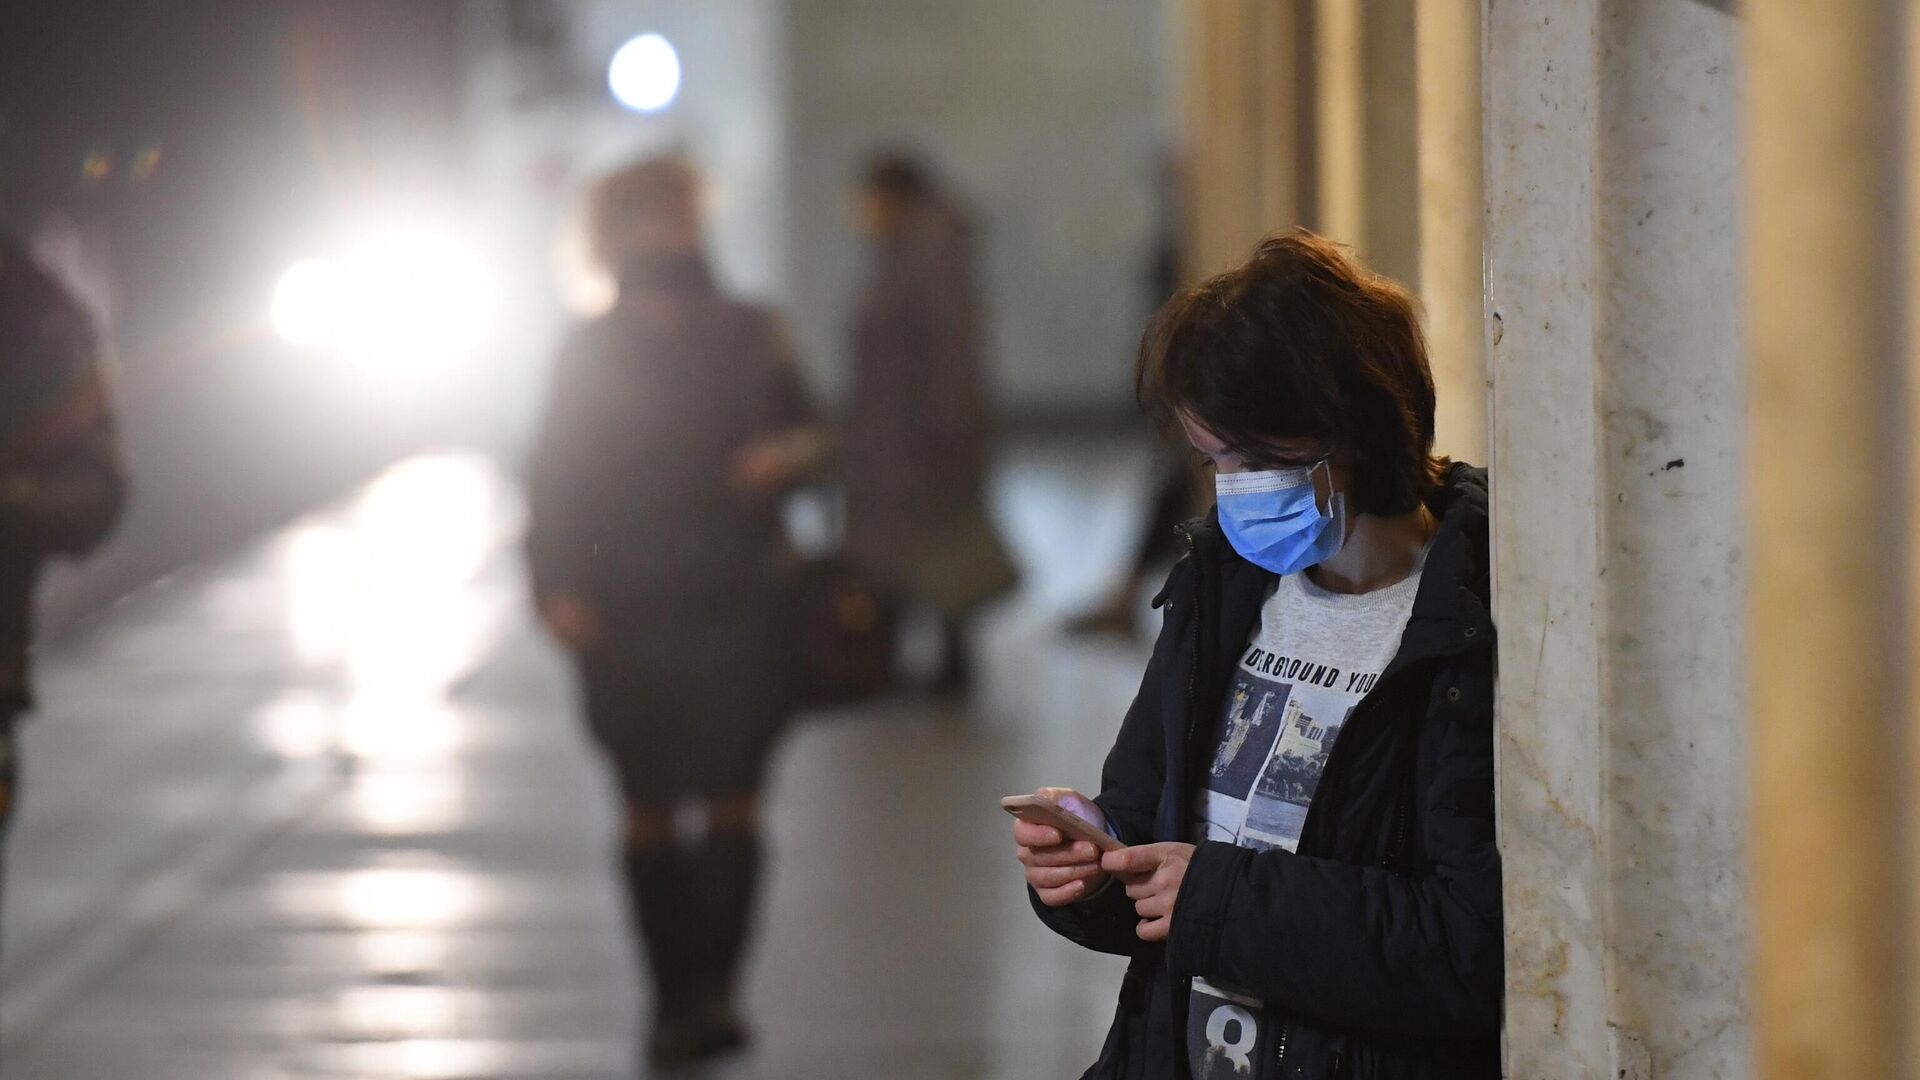 Девушка в защитной маске на одной из станция Московского метрополитена - РИА Новости, 1920, 19.12.2020